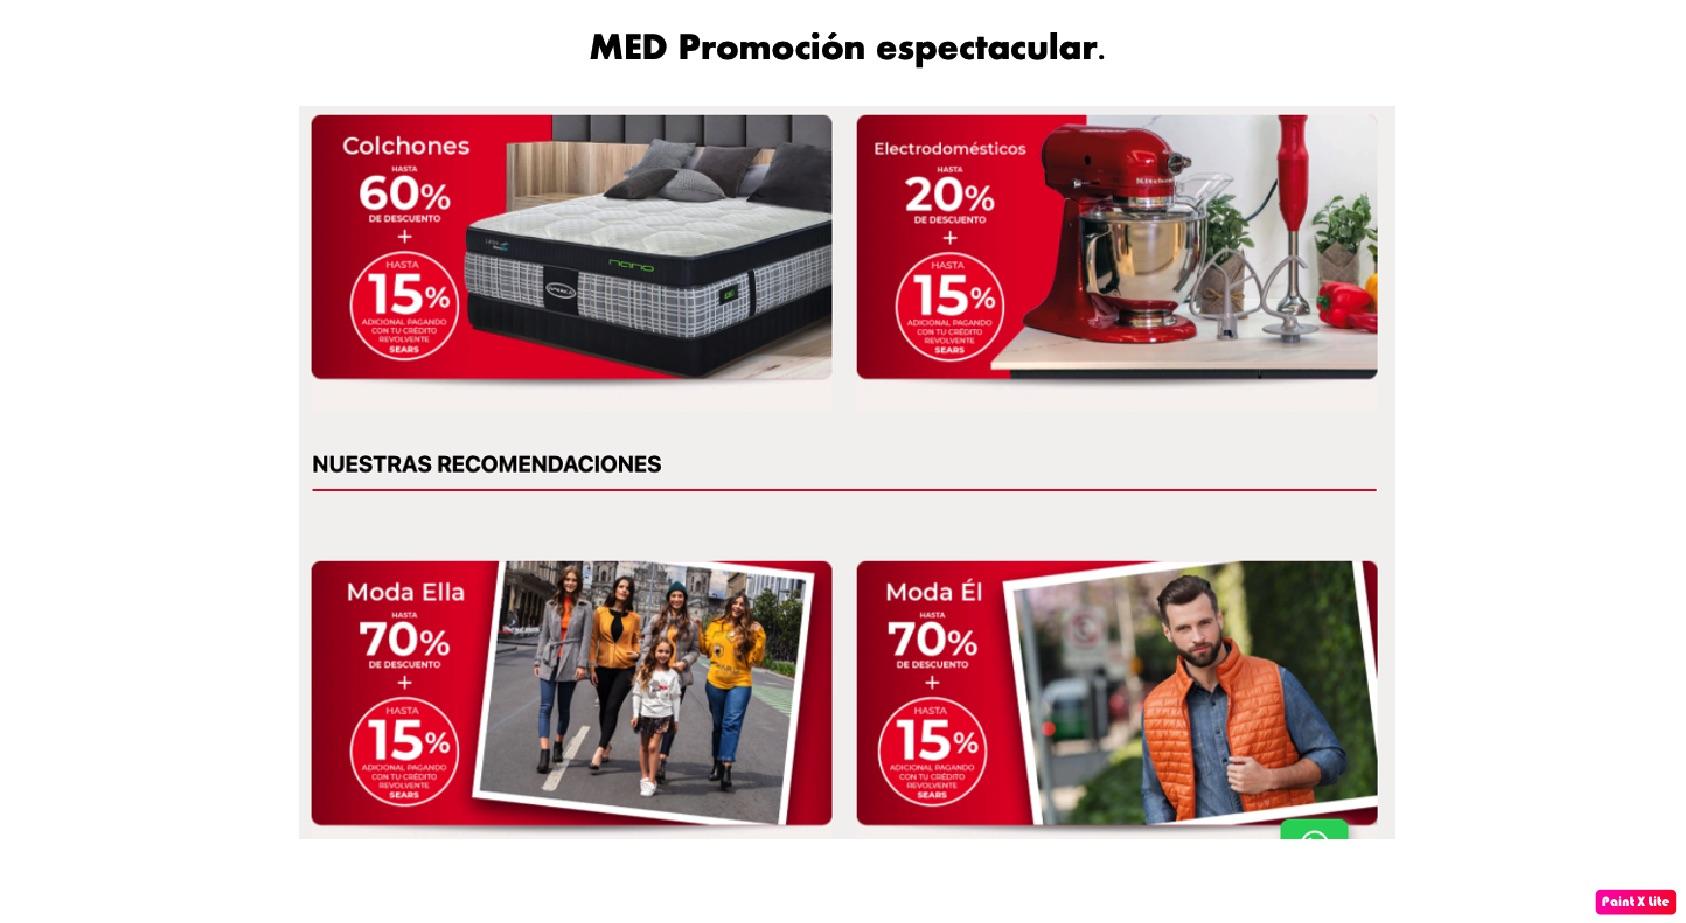 Promocio%CC%81n+espectacular.jpg